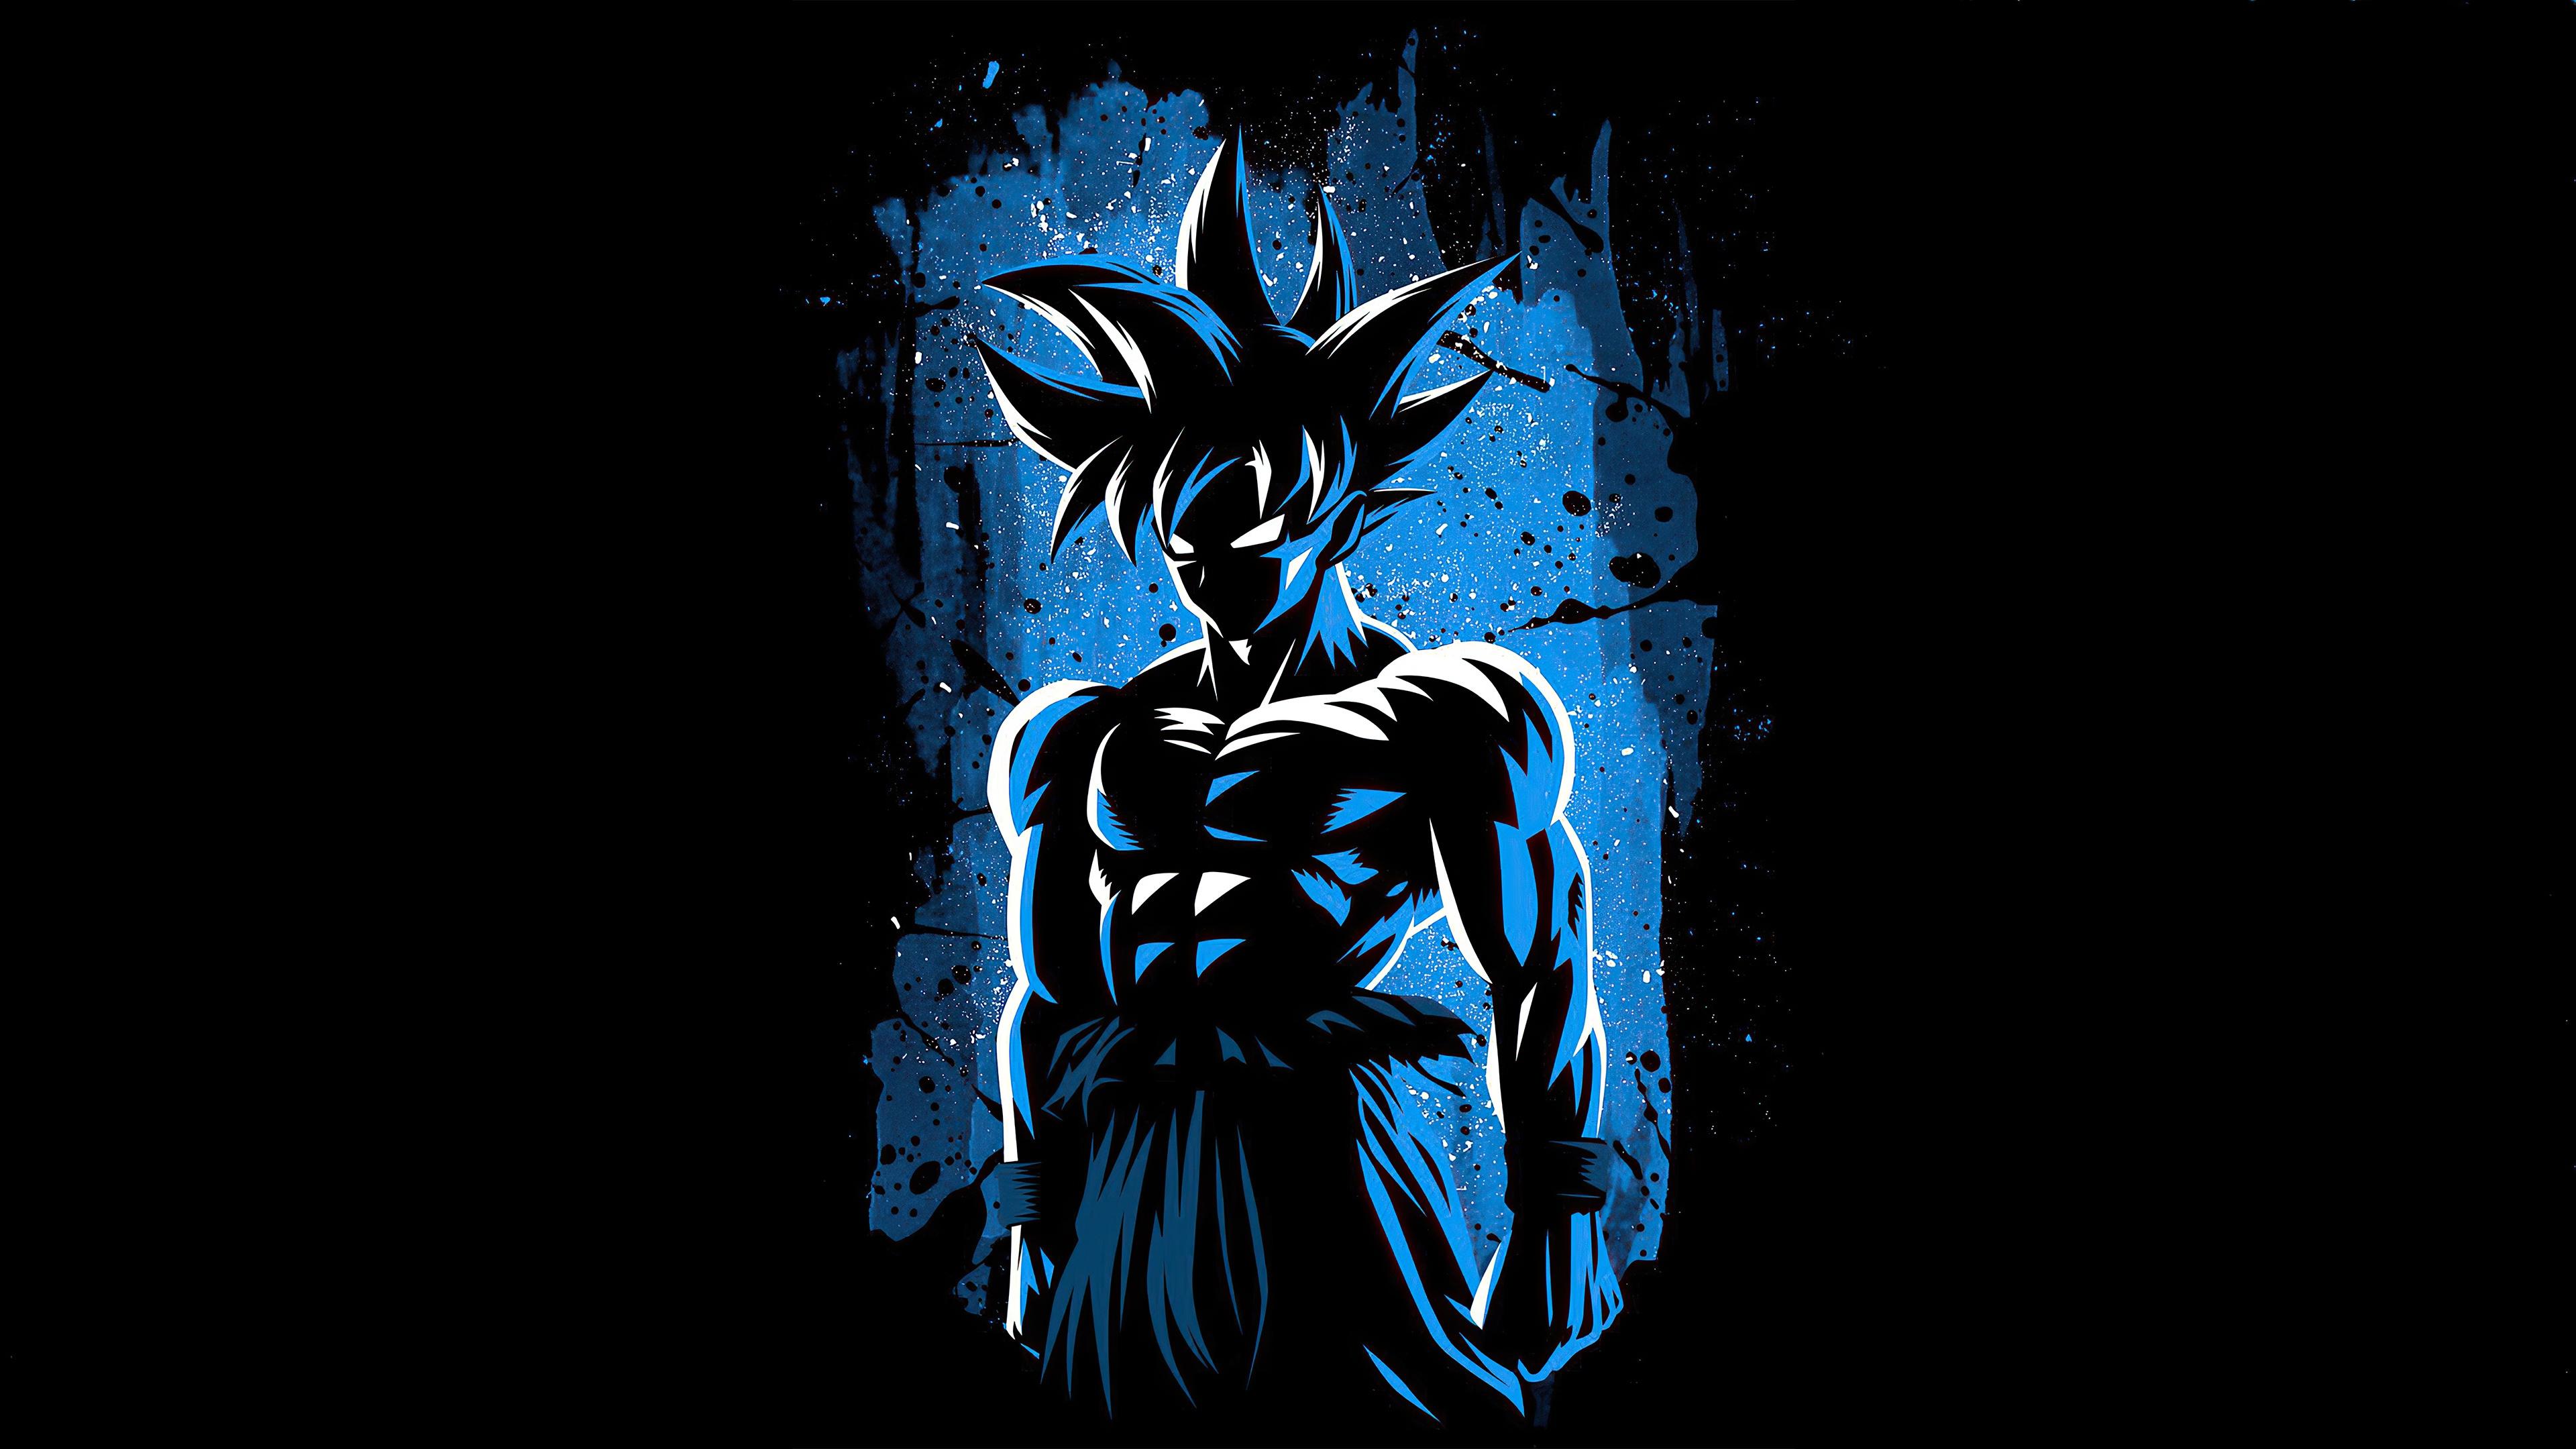 Goku windows background